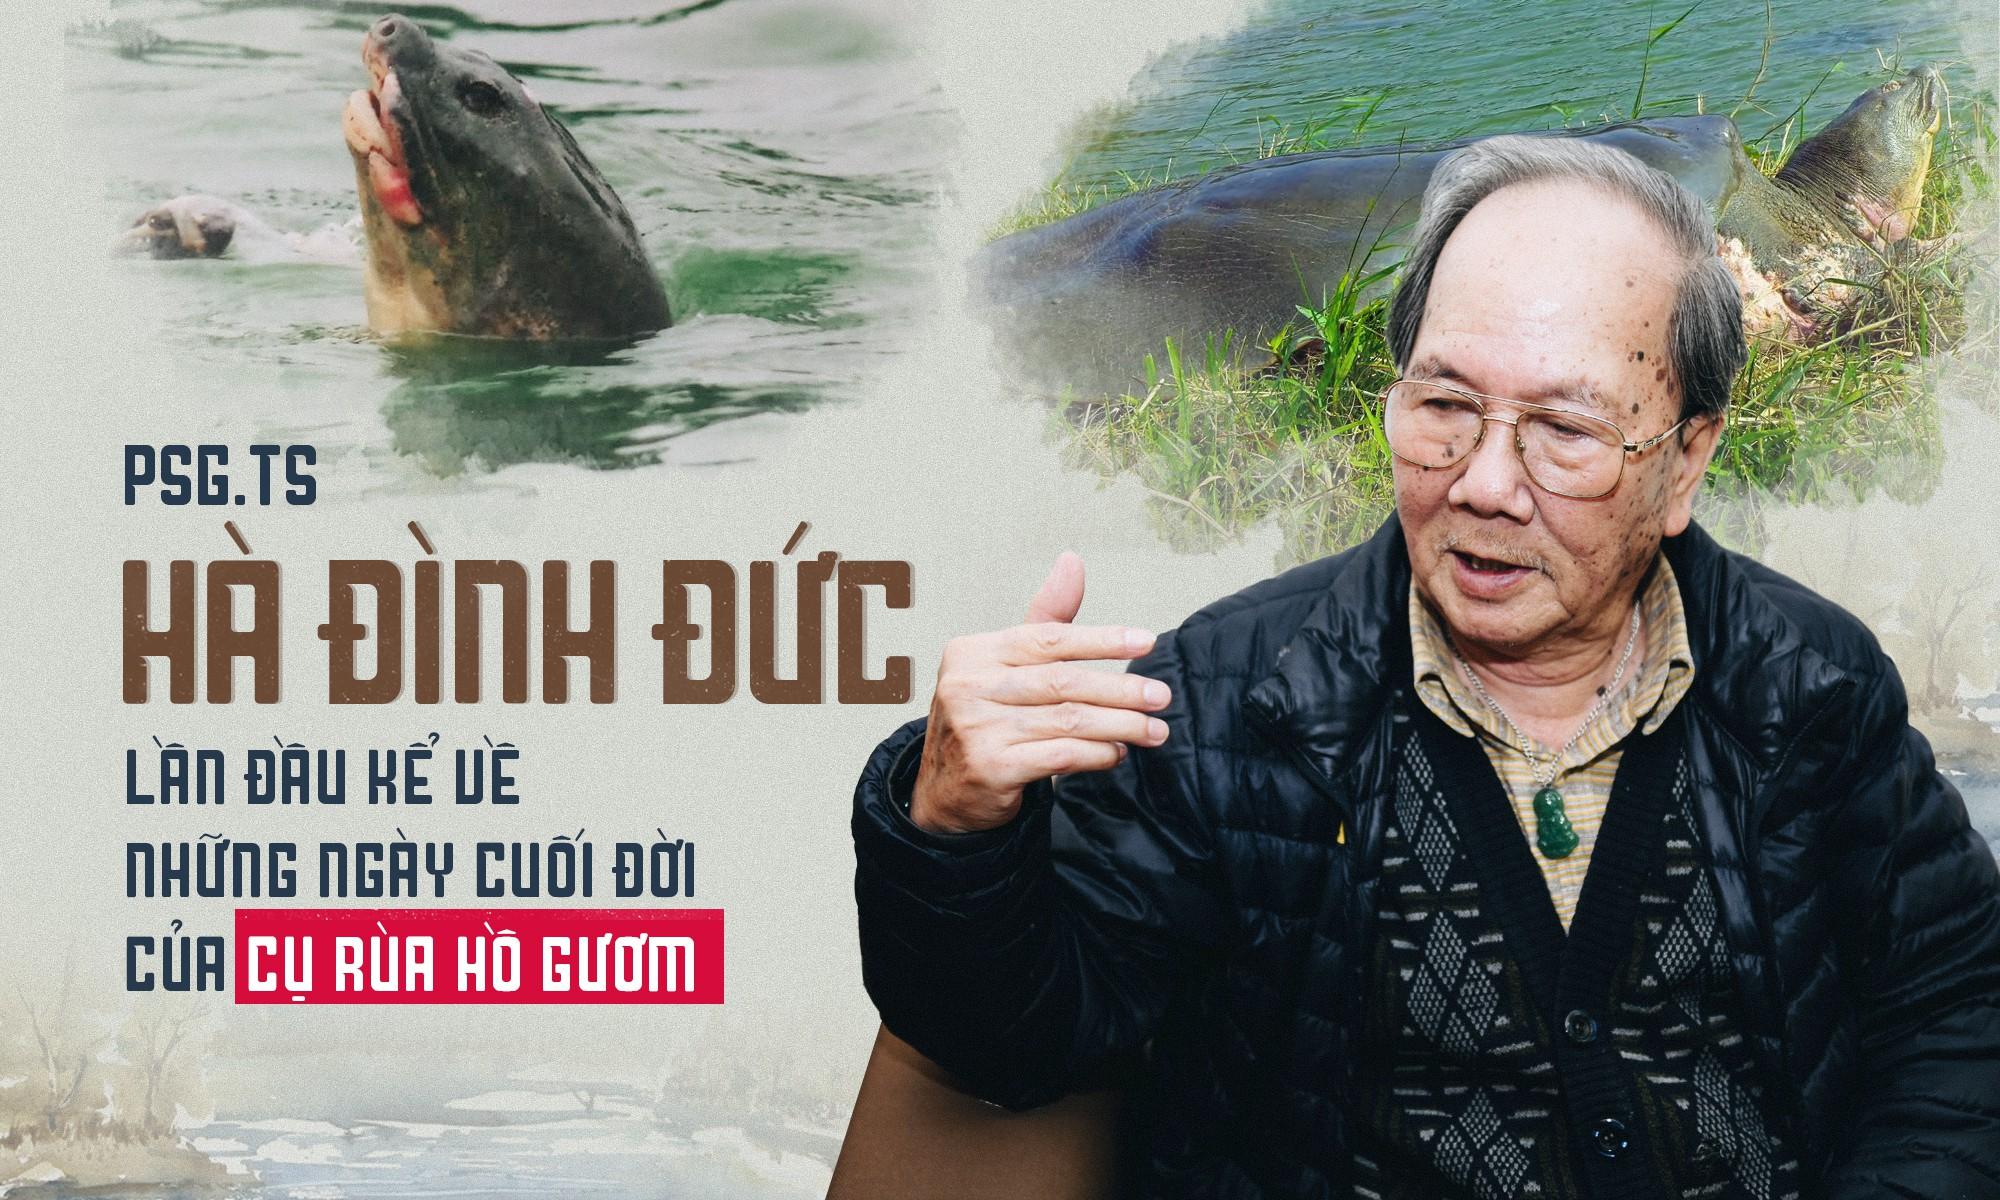 ột sáng cuối xuân, chúng tôi tìm đến PGS.TS Hà Đình Đức. Trong nhà ông treo cơ man ảnh về Cụ Rùa Hồ Gươm, và sách. Ông cười hiền lành.